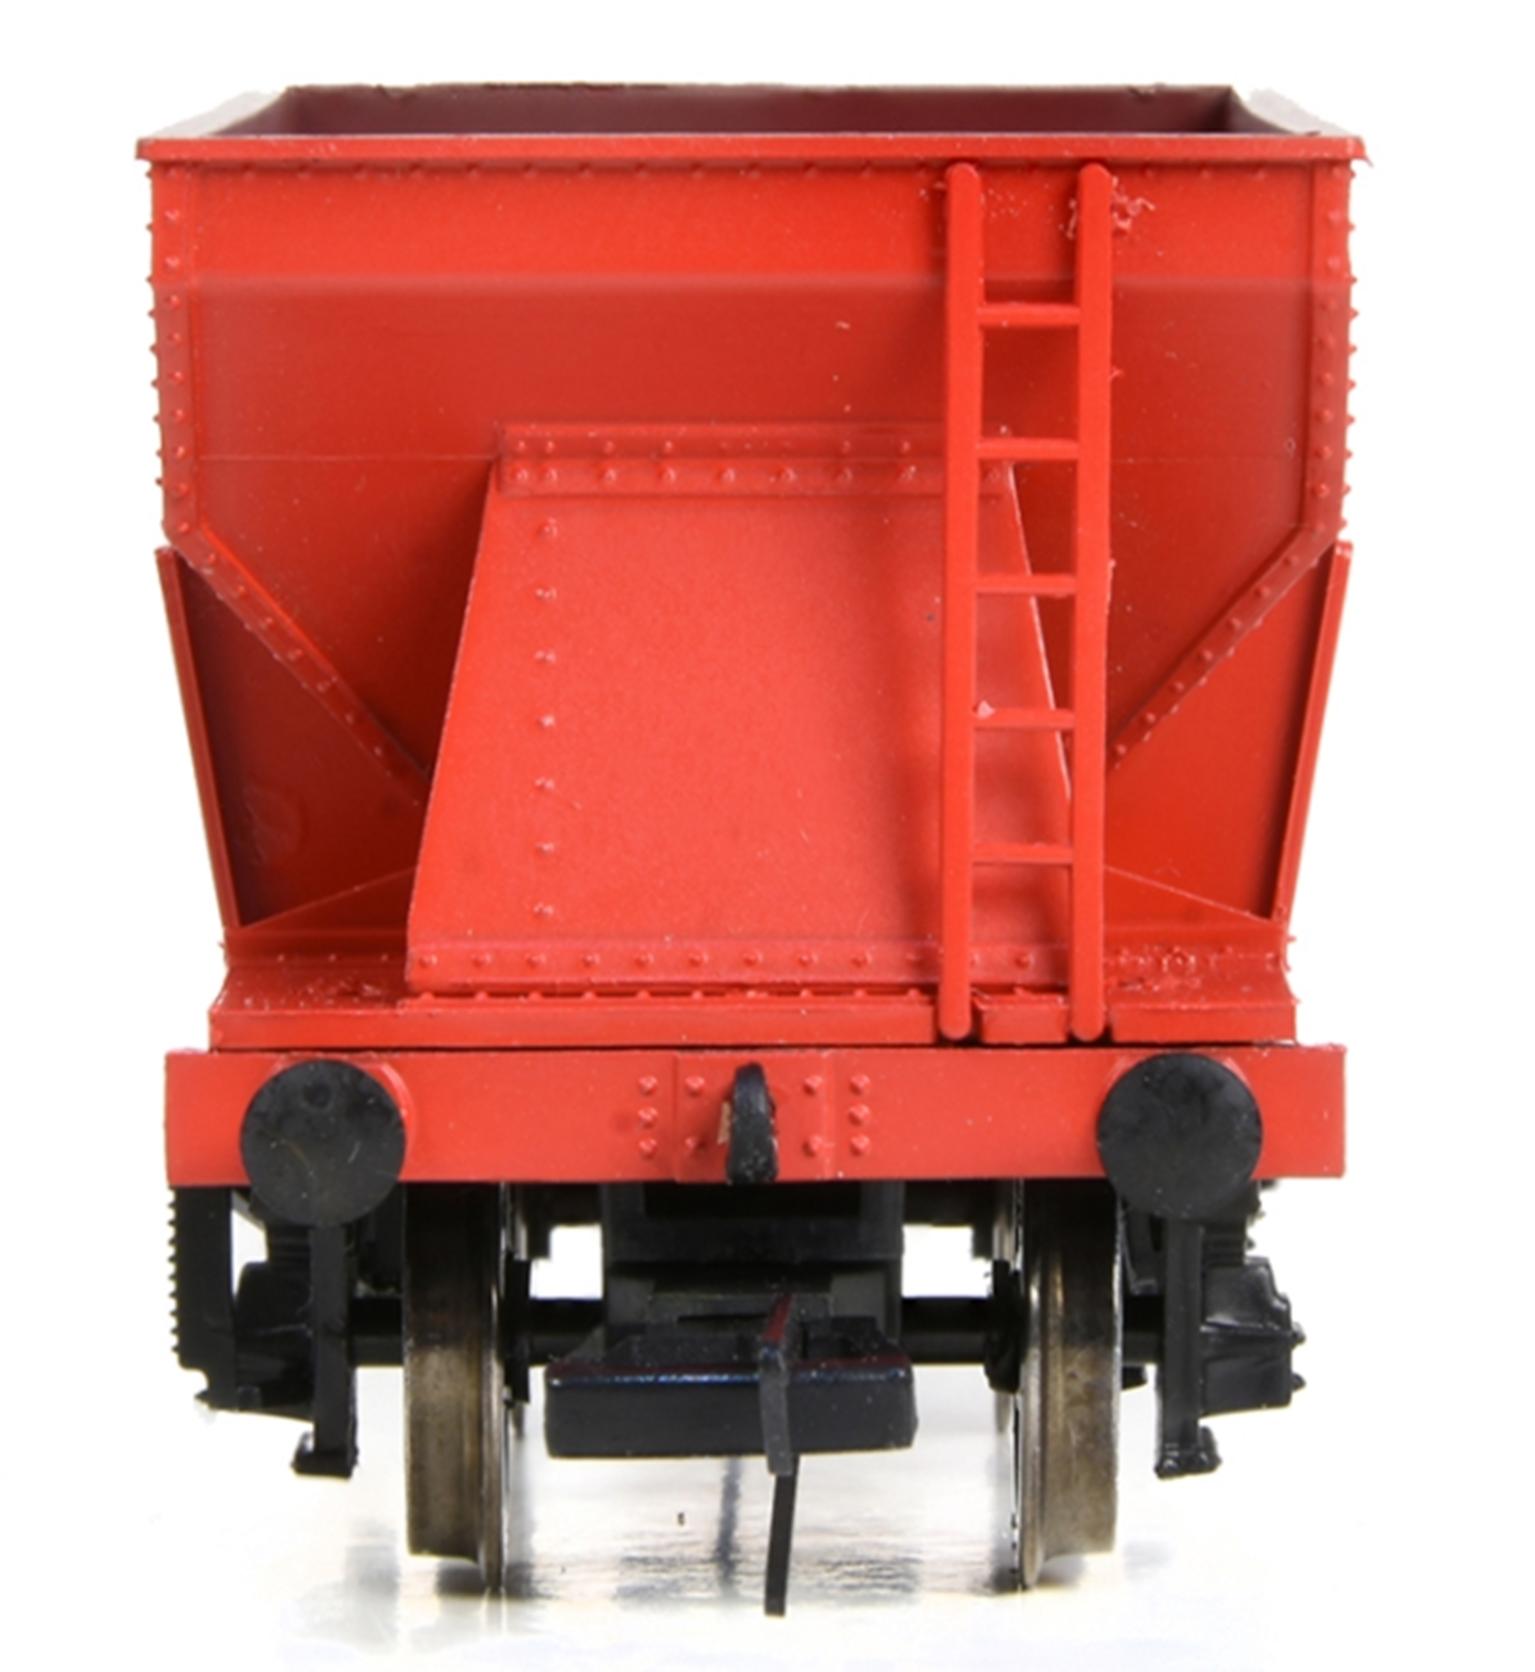 24T Ore Hopper 'Stanton' Red